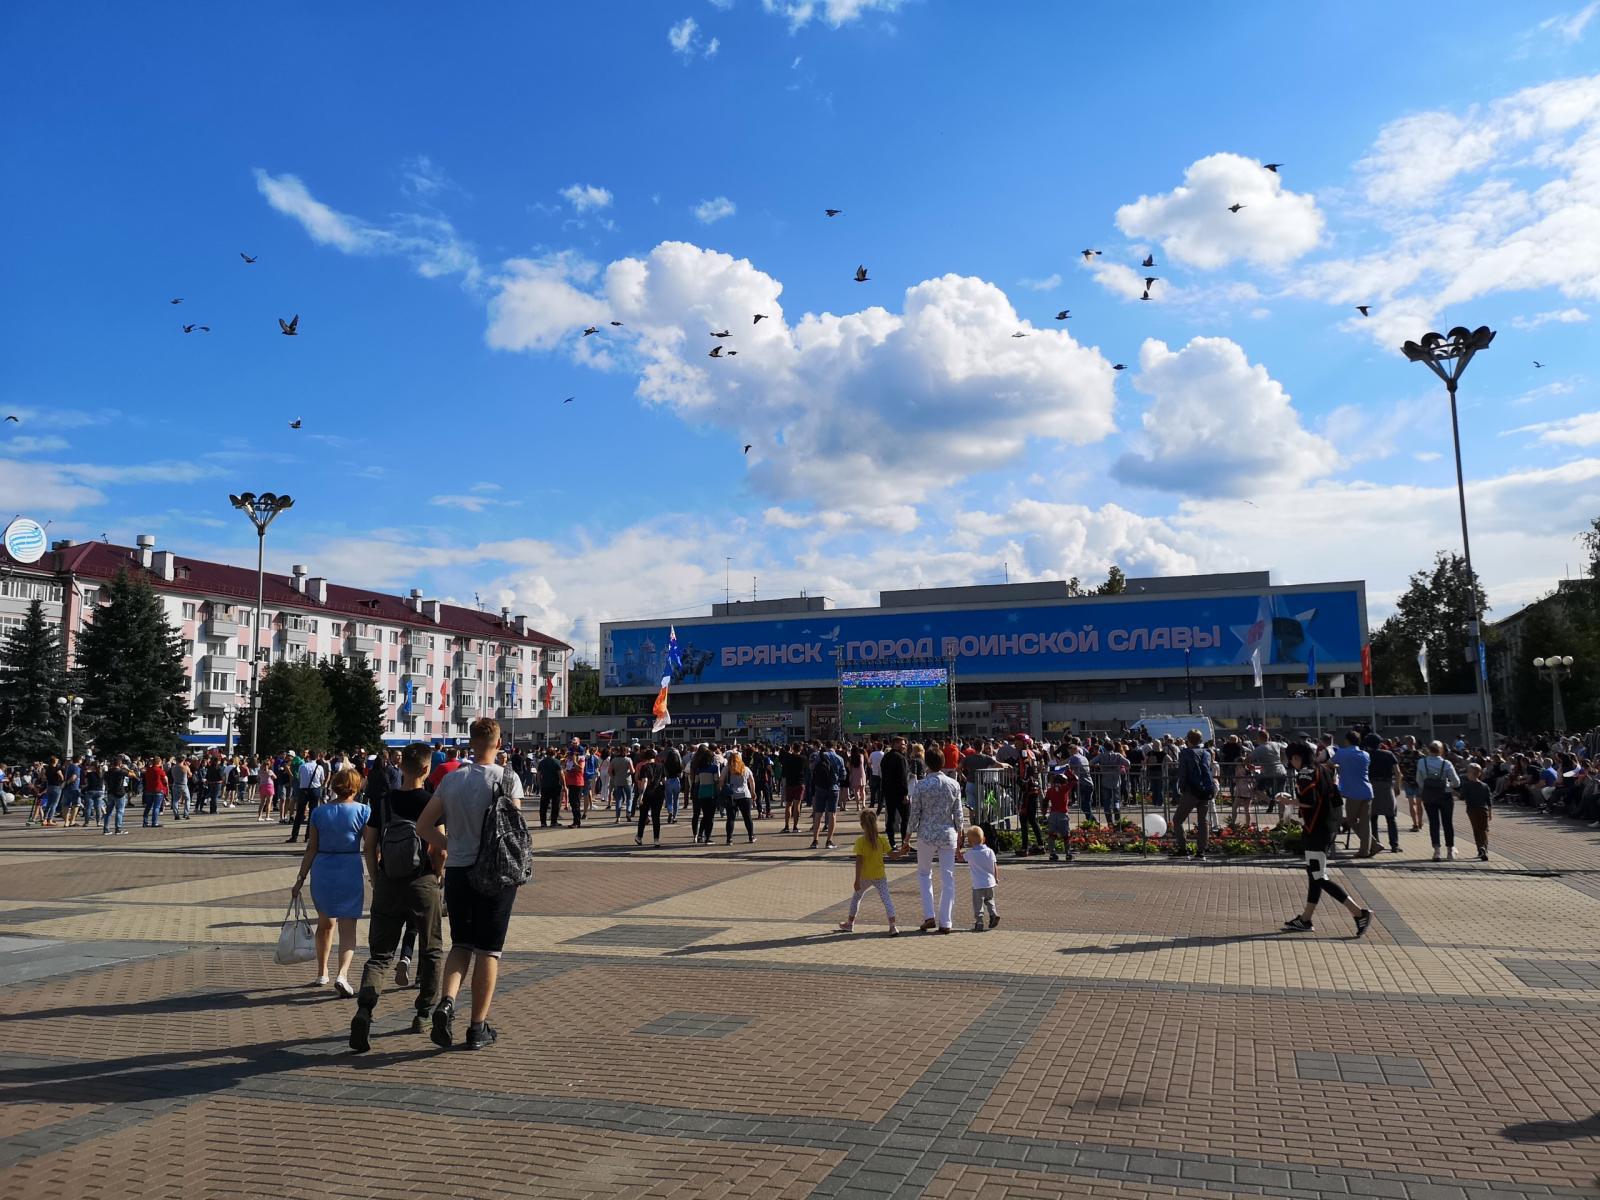 Жителей Брянска расстроило поражение России матче ЧМ-2018